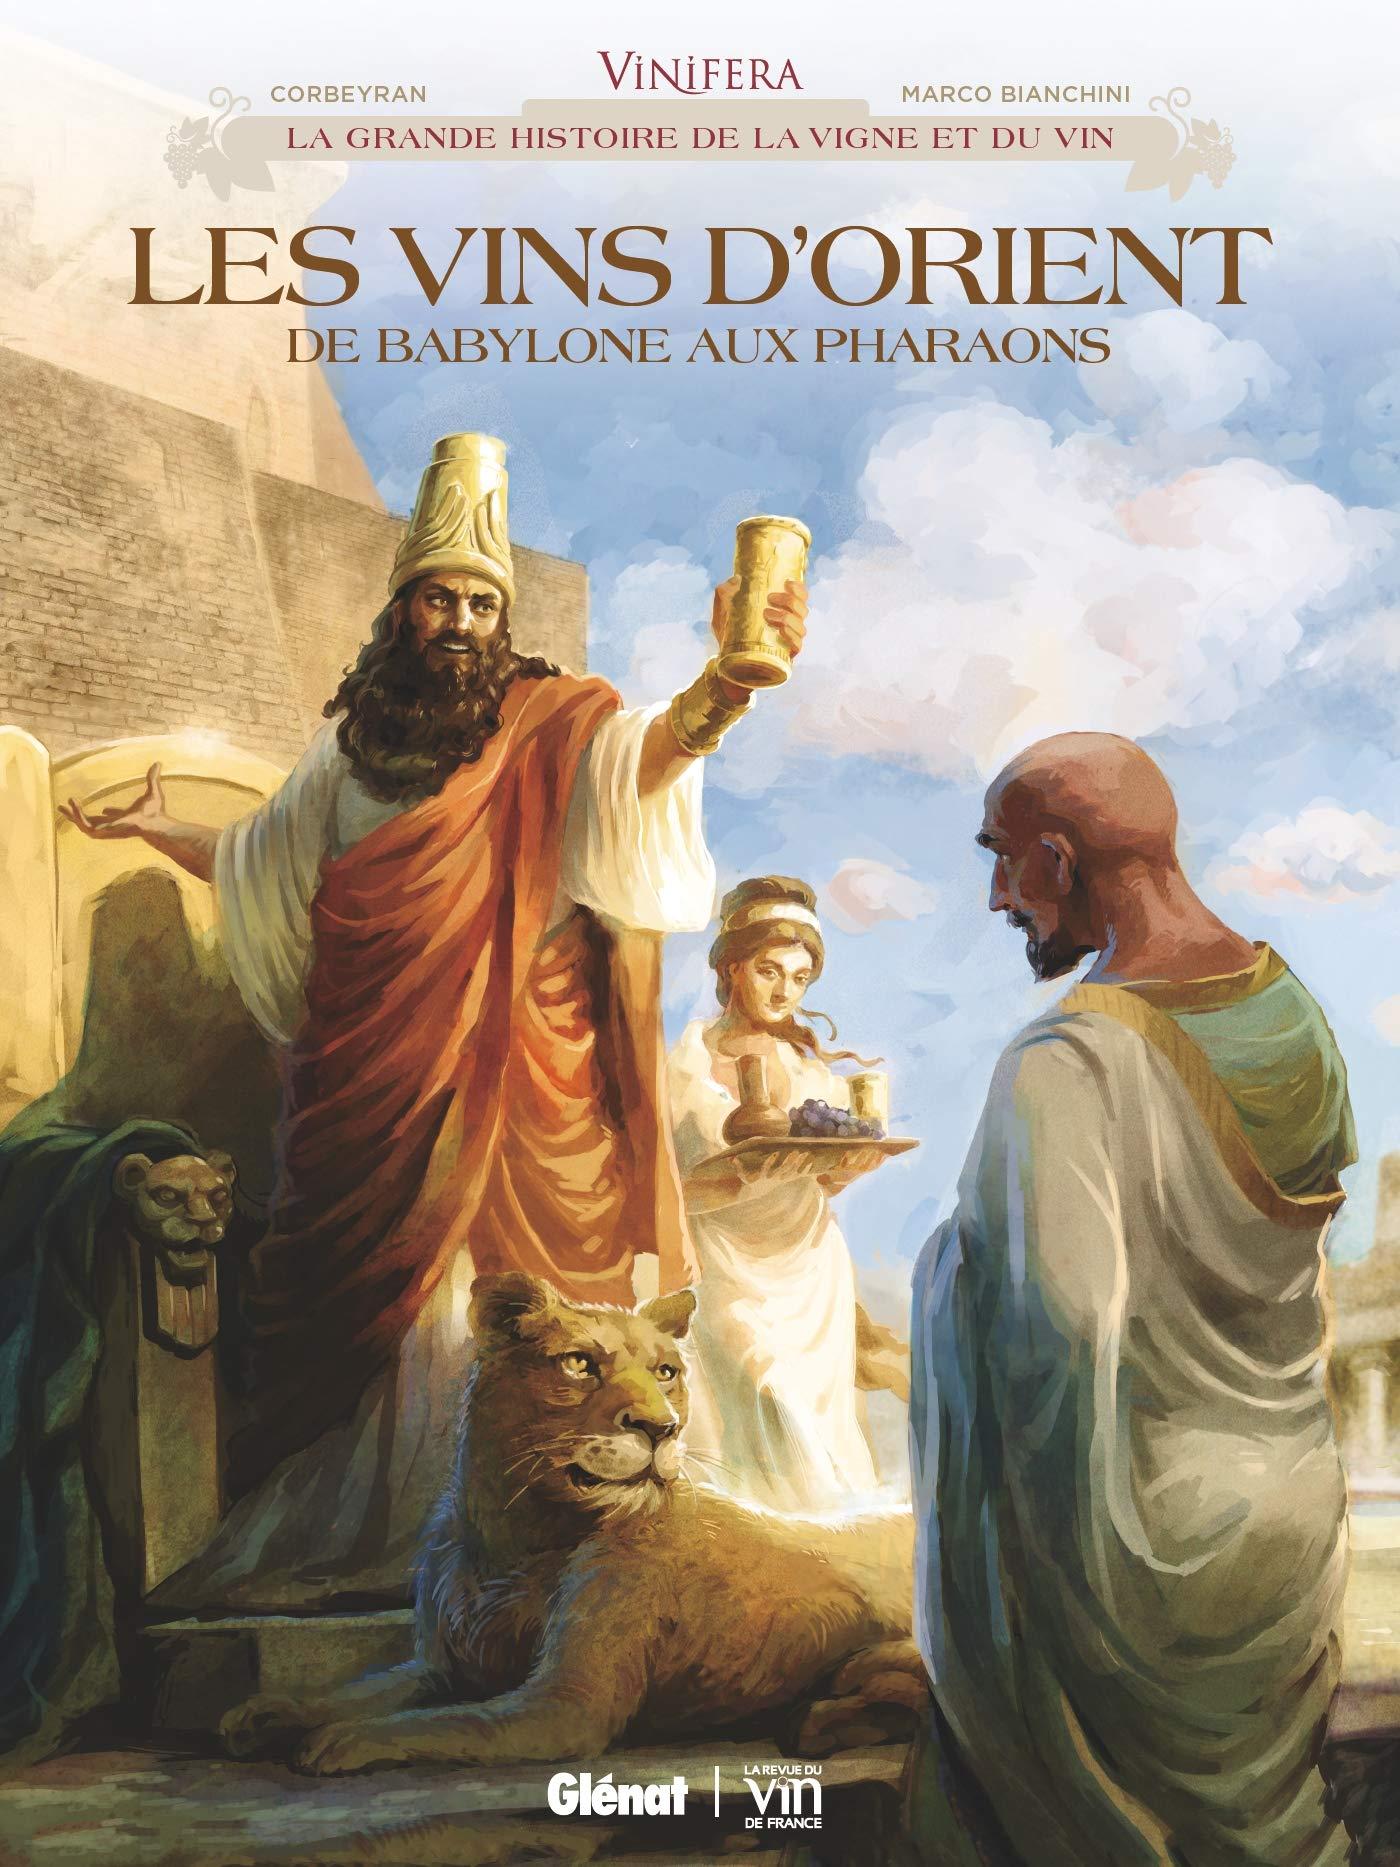 Vinifera 5 - Les Vins d'Orient, de Babylone aux pharaons